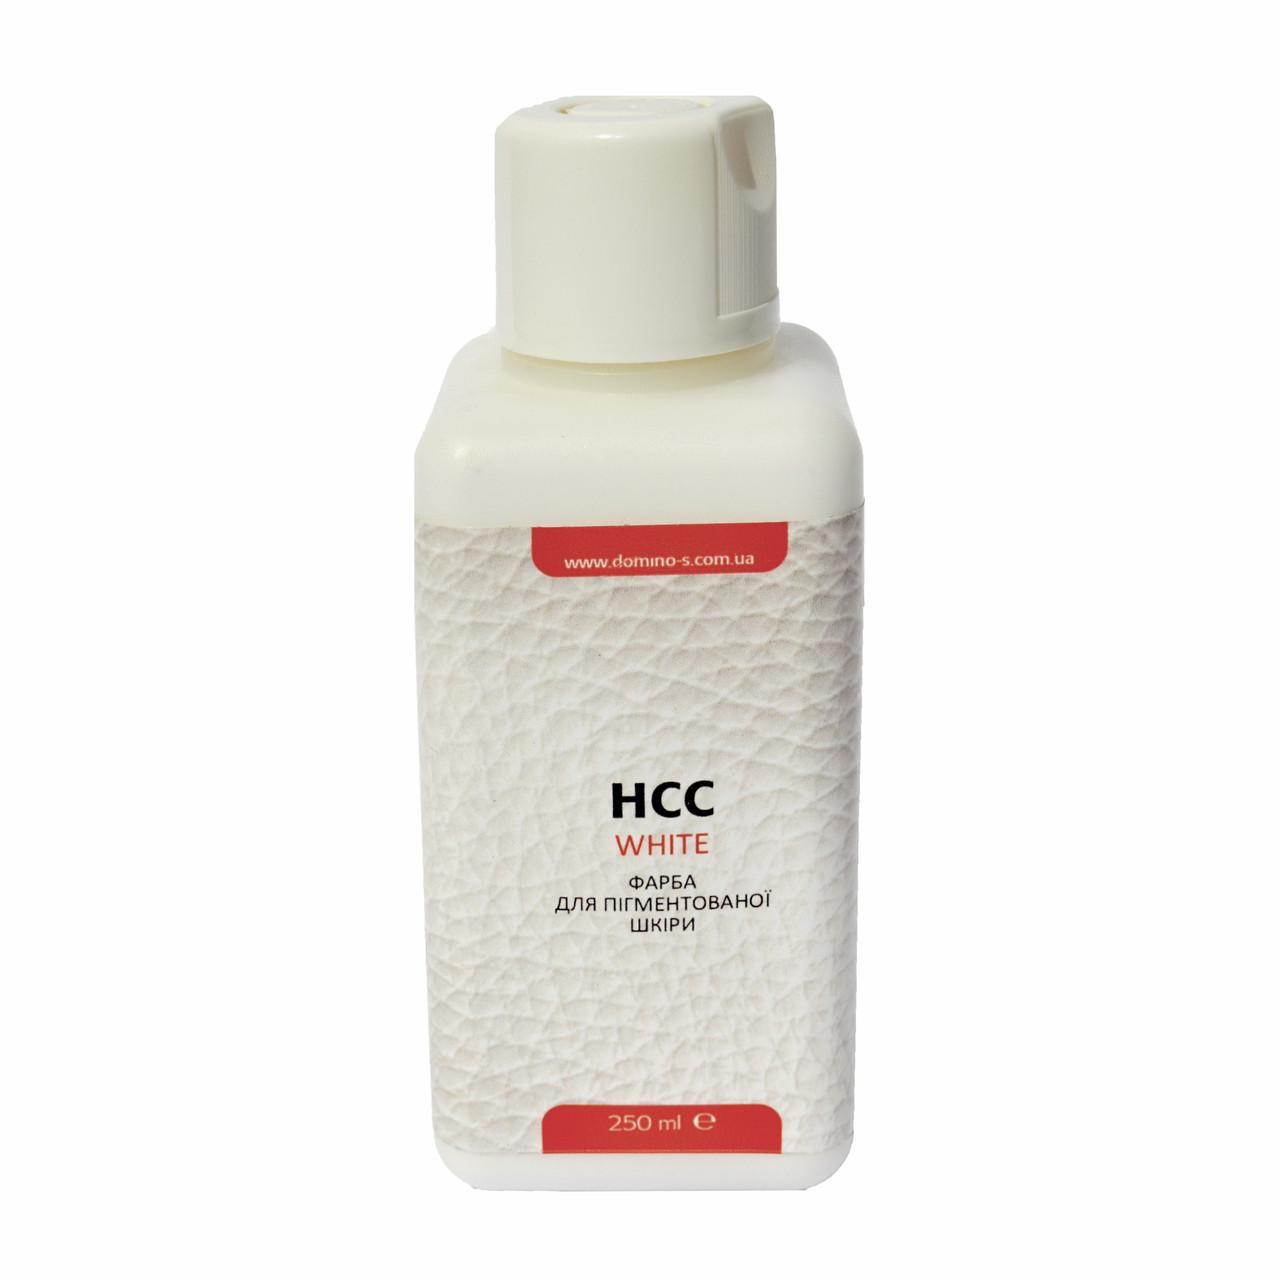 Фарба для шкіри HCC 250 мл